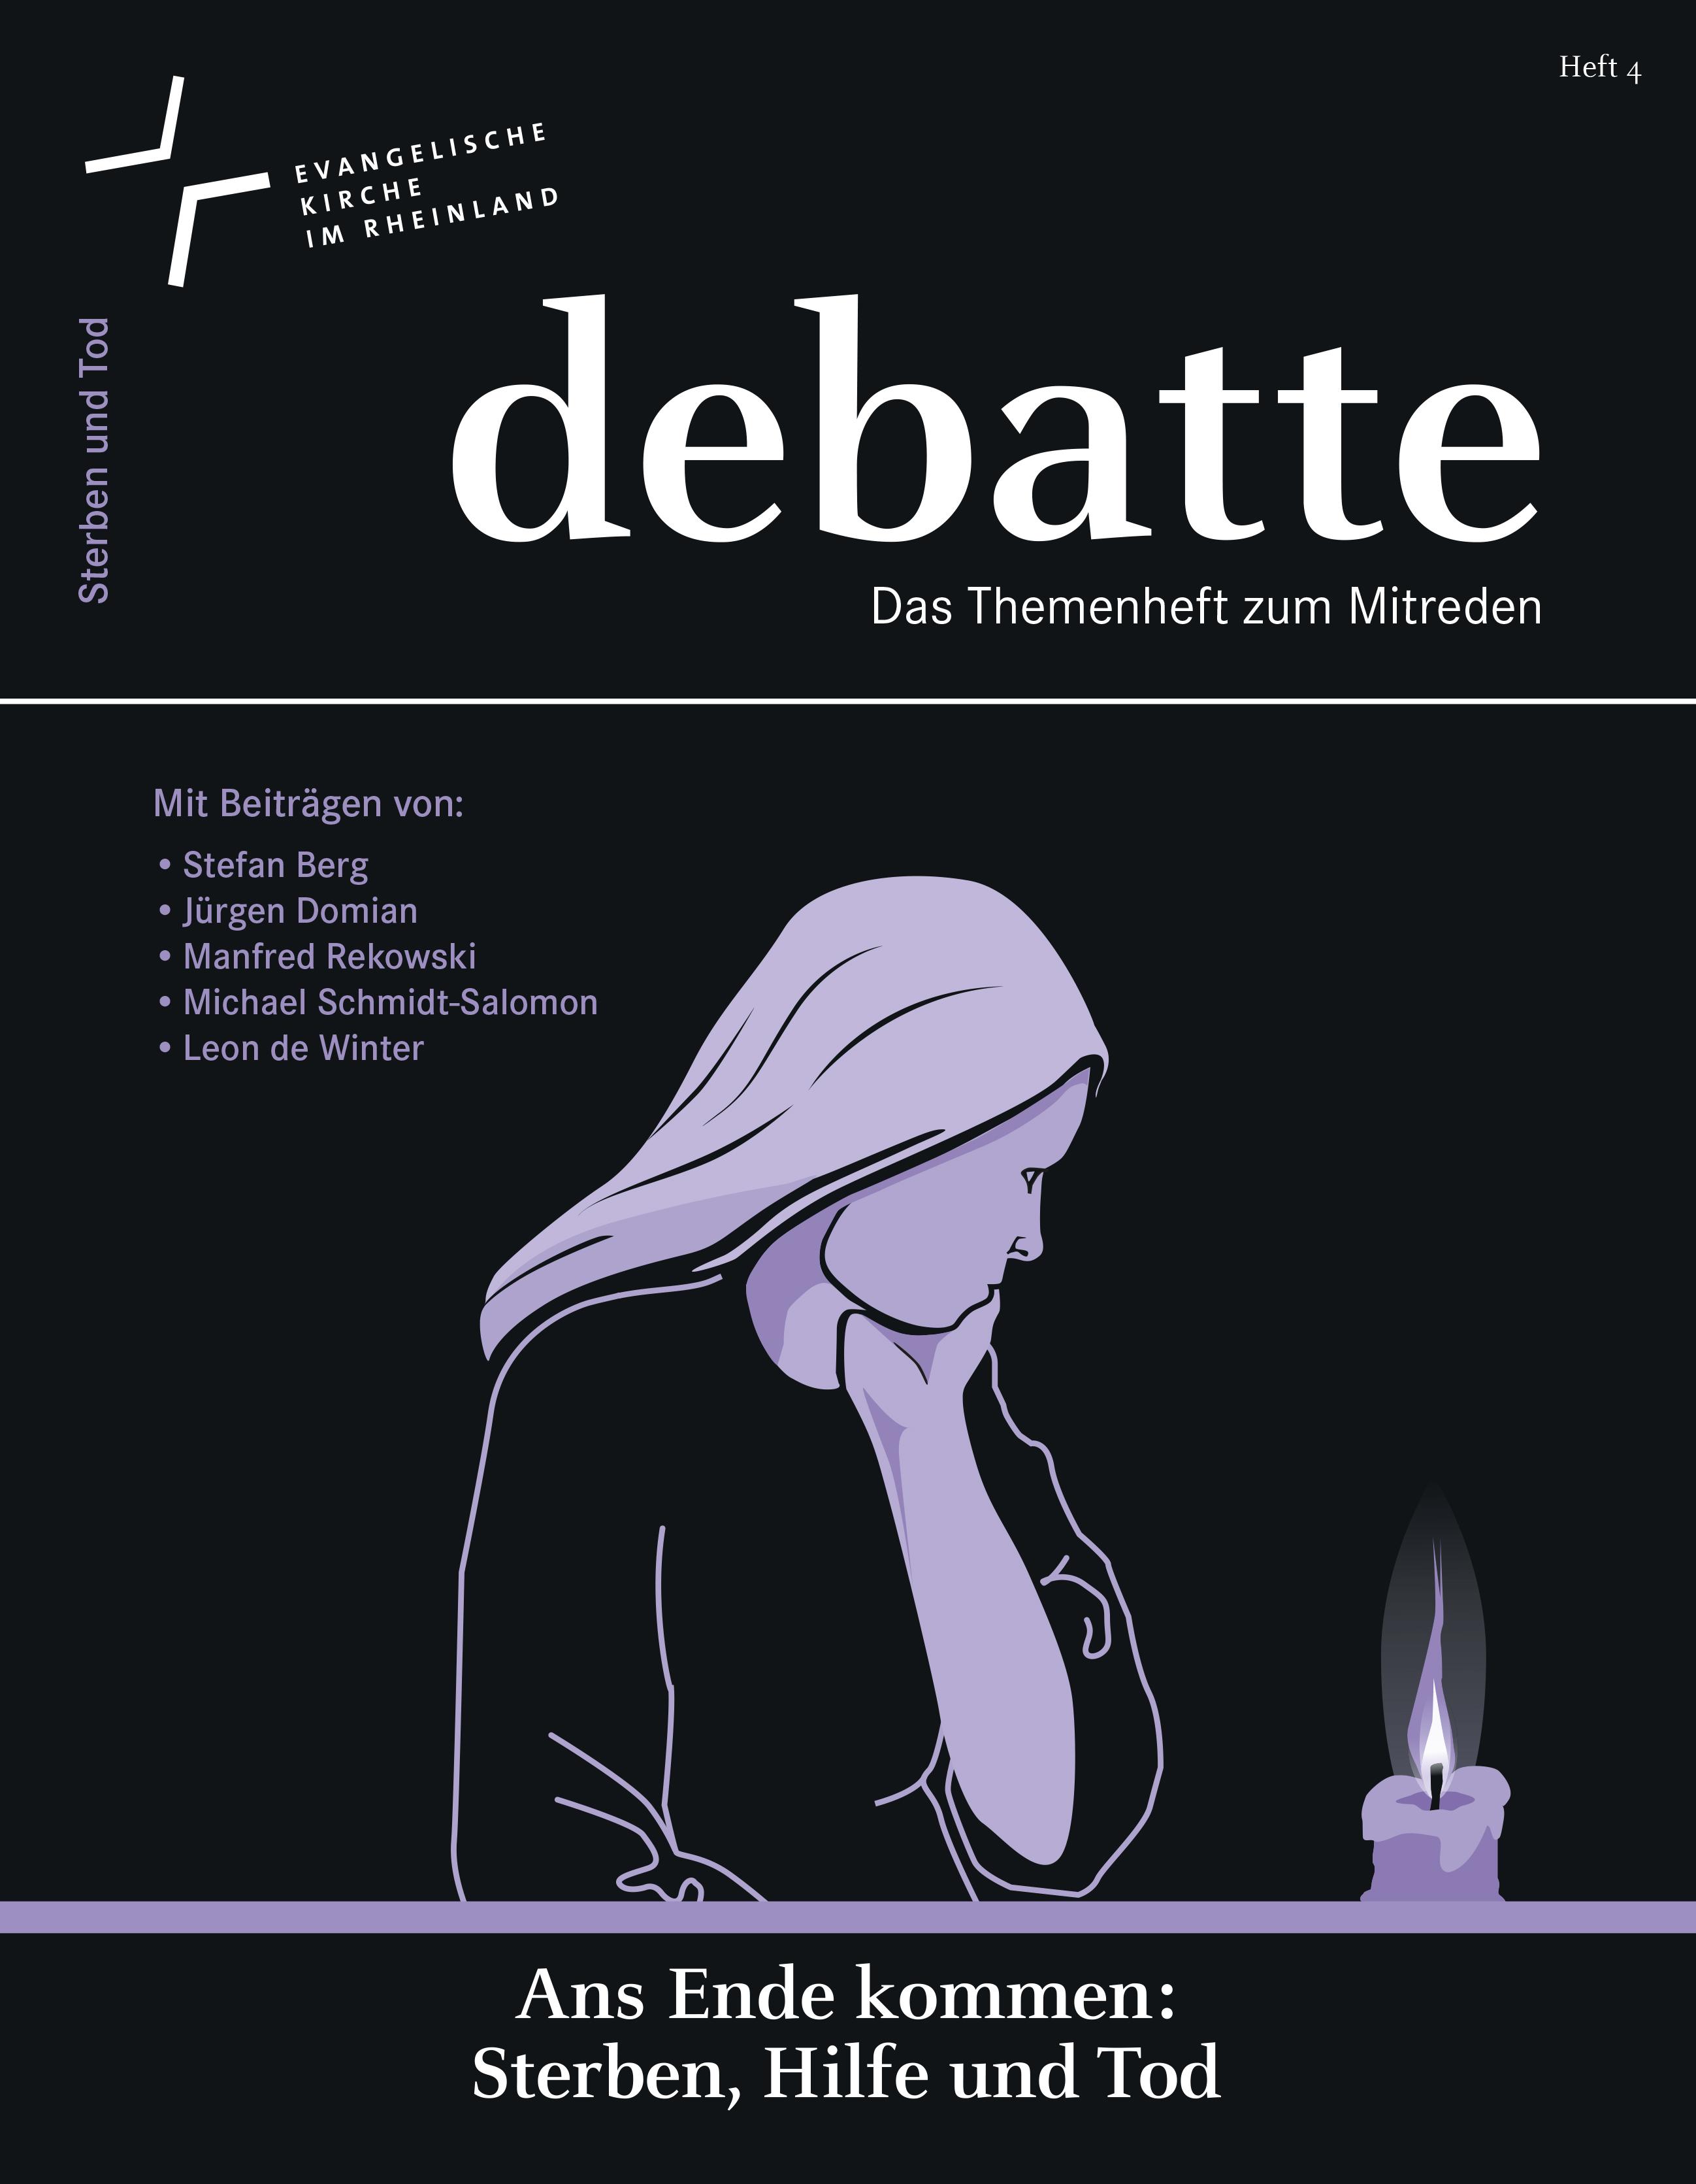 Debatte_Umschlag_04_12.indd